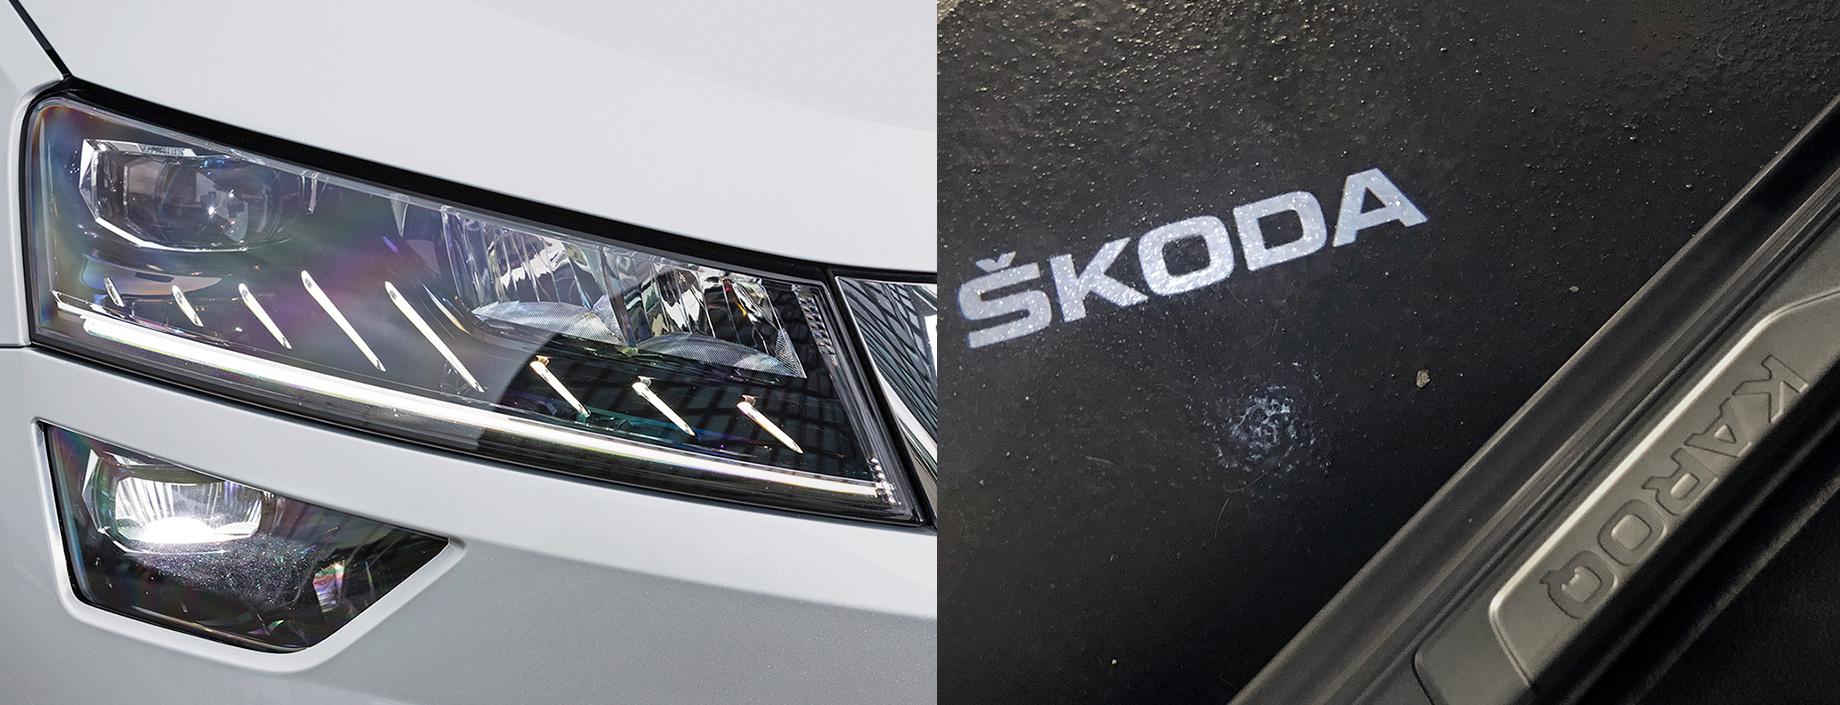 Находим слегка переоценённым кроссовер Skoda Karoq